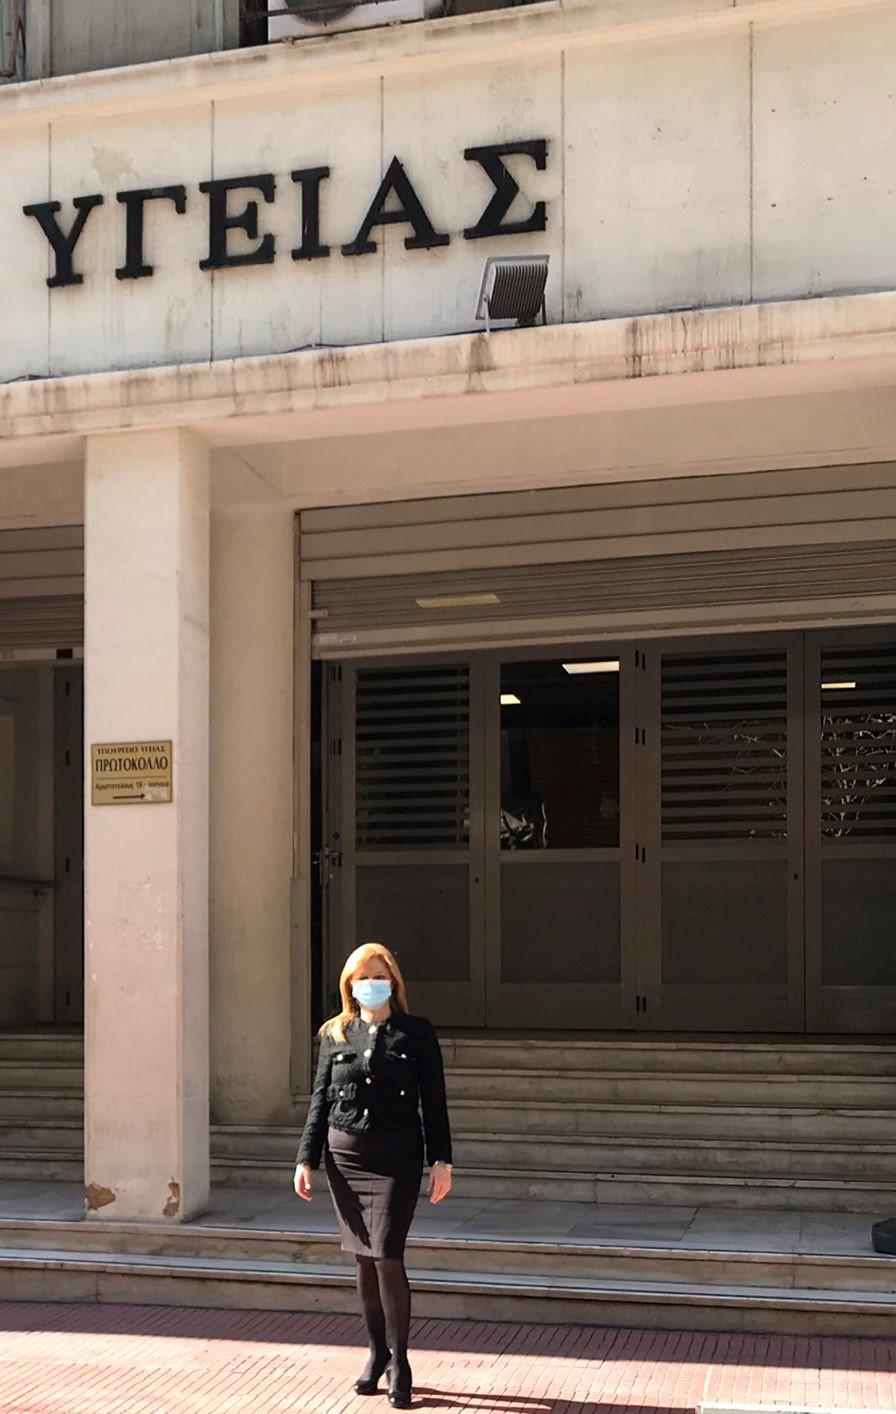 Αυγερινοπούλου - Κοντοζαμάνης: Νέες θέσεις ιατρών προκηρύσσονται για τα νοσοκομεία της Ηλείας